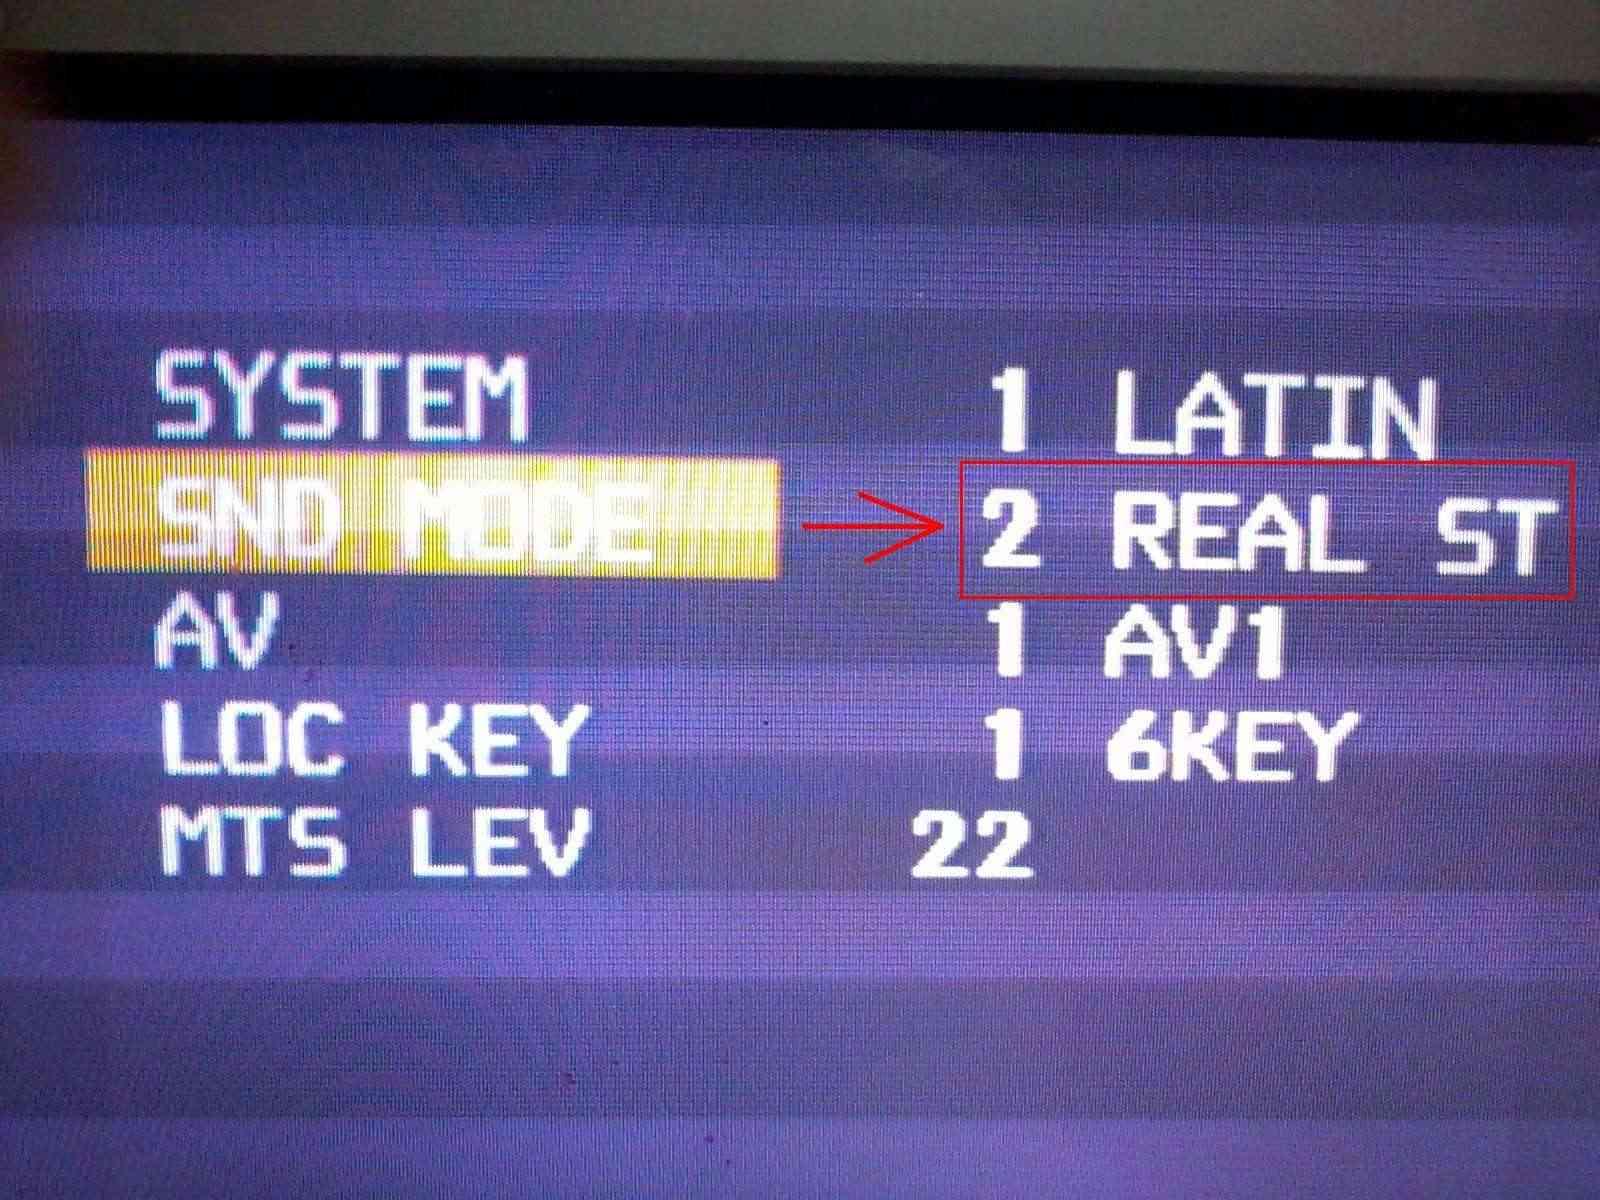 Televisor LG 21FX5RL-LD sem som ou completamente sem áudio. Menu_s10